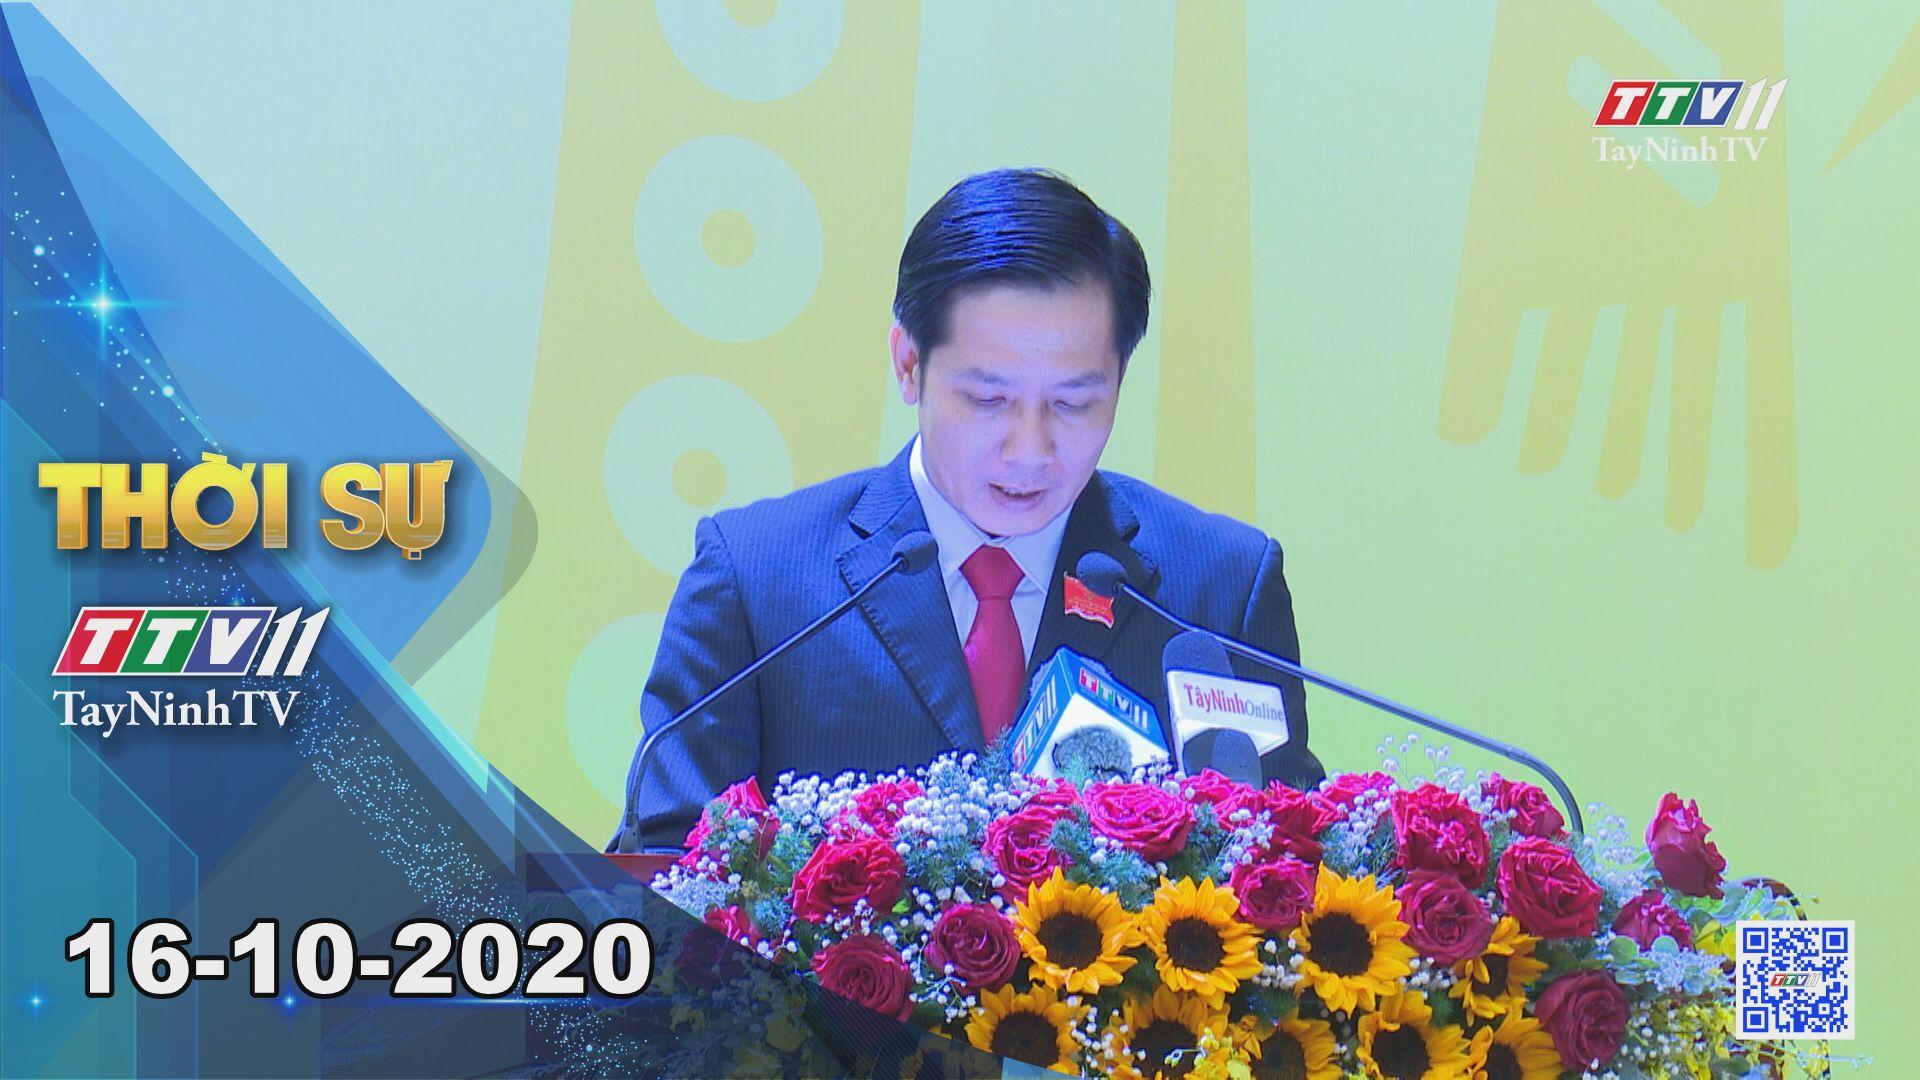 Thời sự Tây Ninh 16-10-2020 | Tin tức hôm nay | TayNinhTV